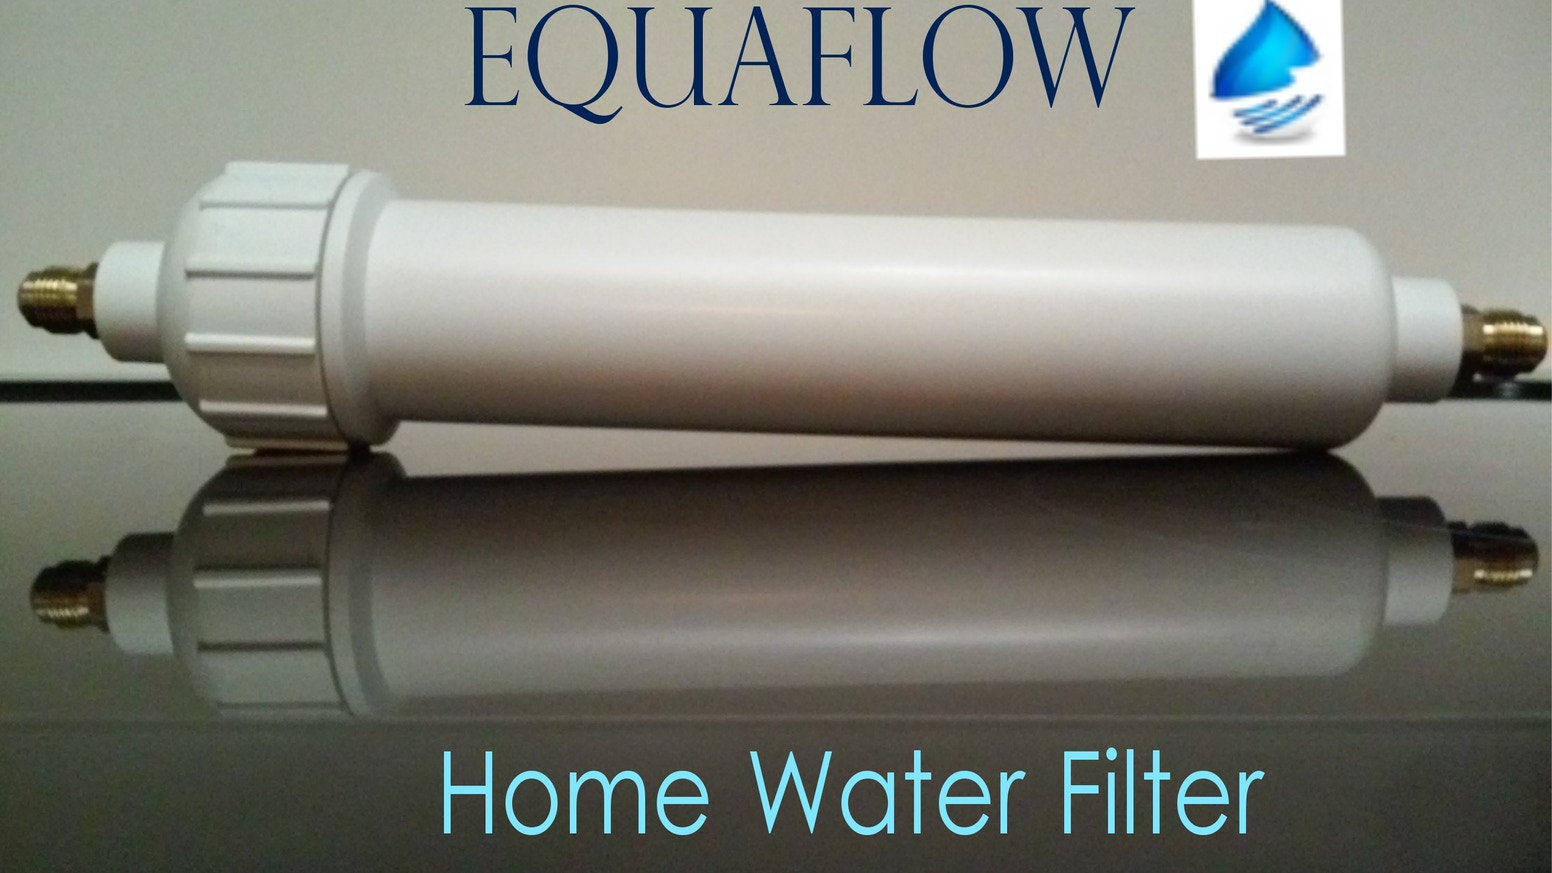 Equaflow Home Water Filter By Andres Salazar Kickstarter